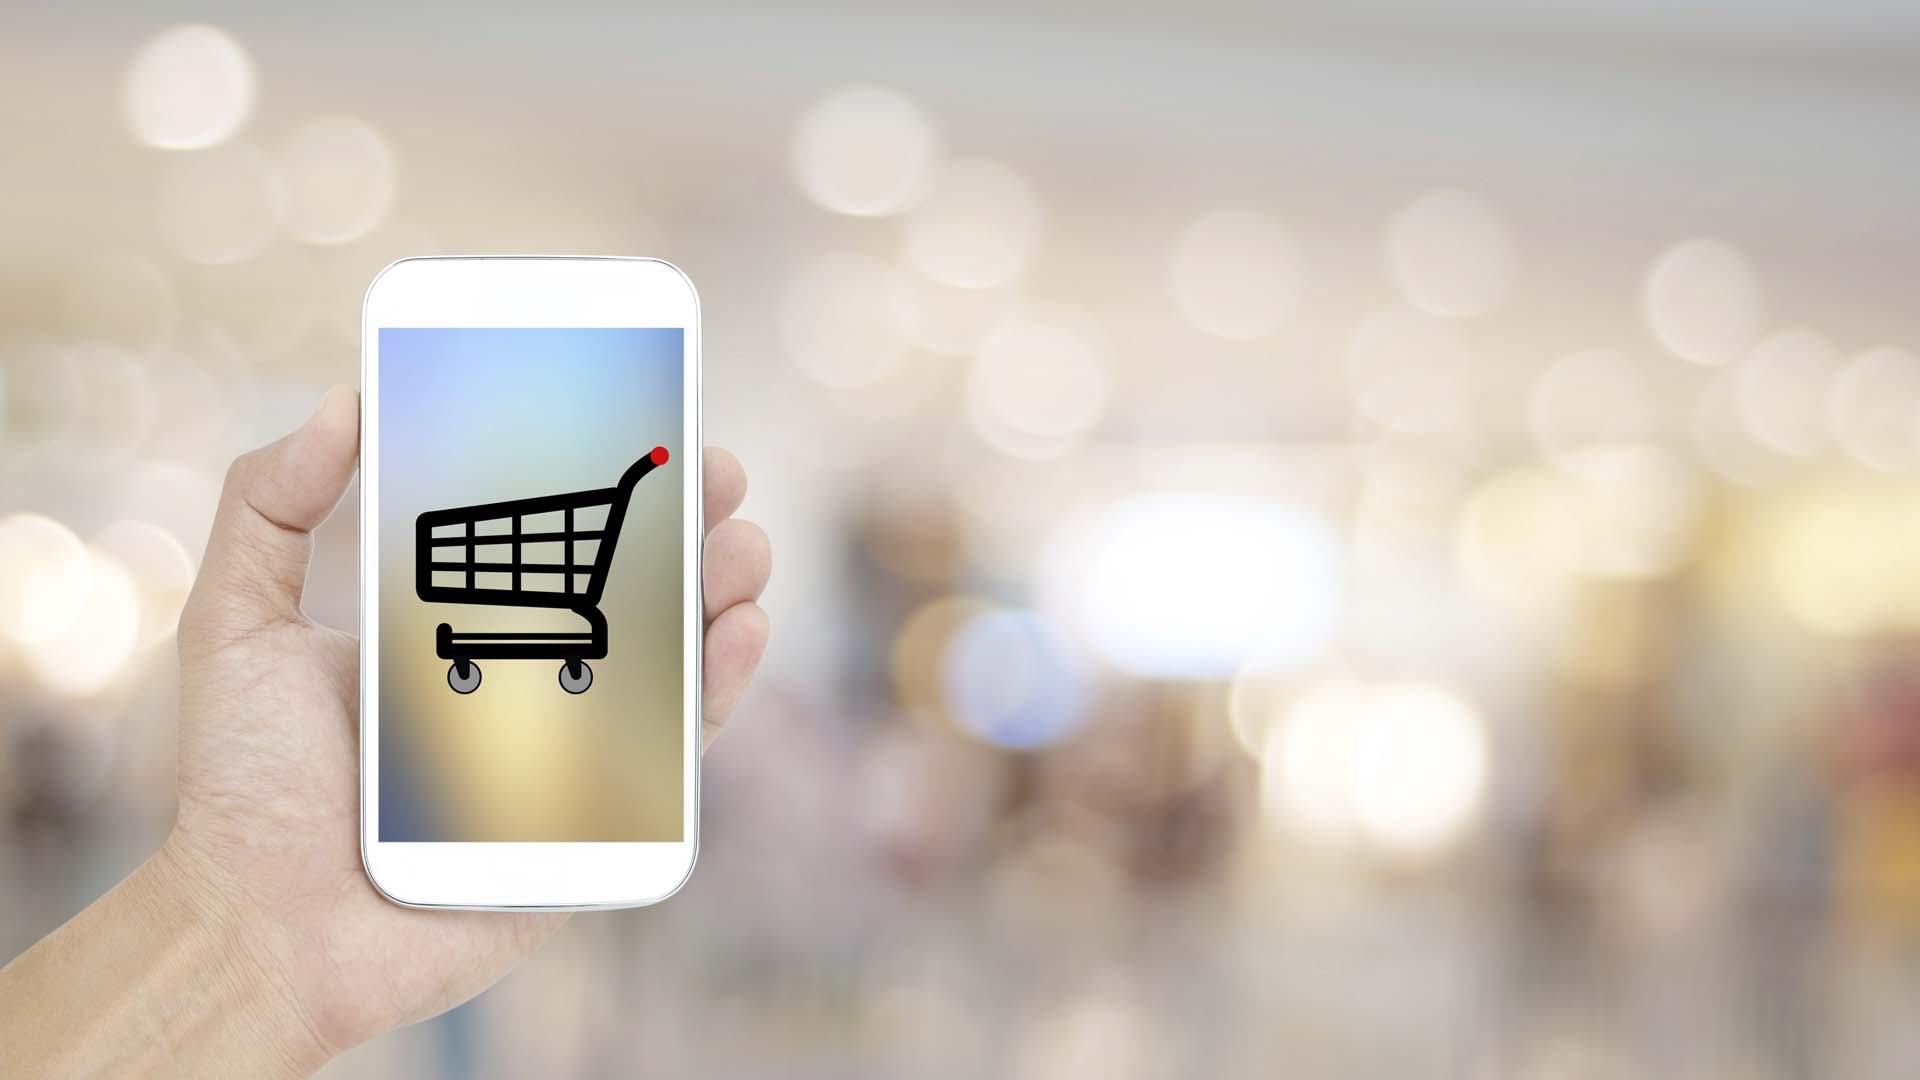 Europa es el continente que más efectúa compras online a través de smartphone